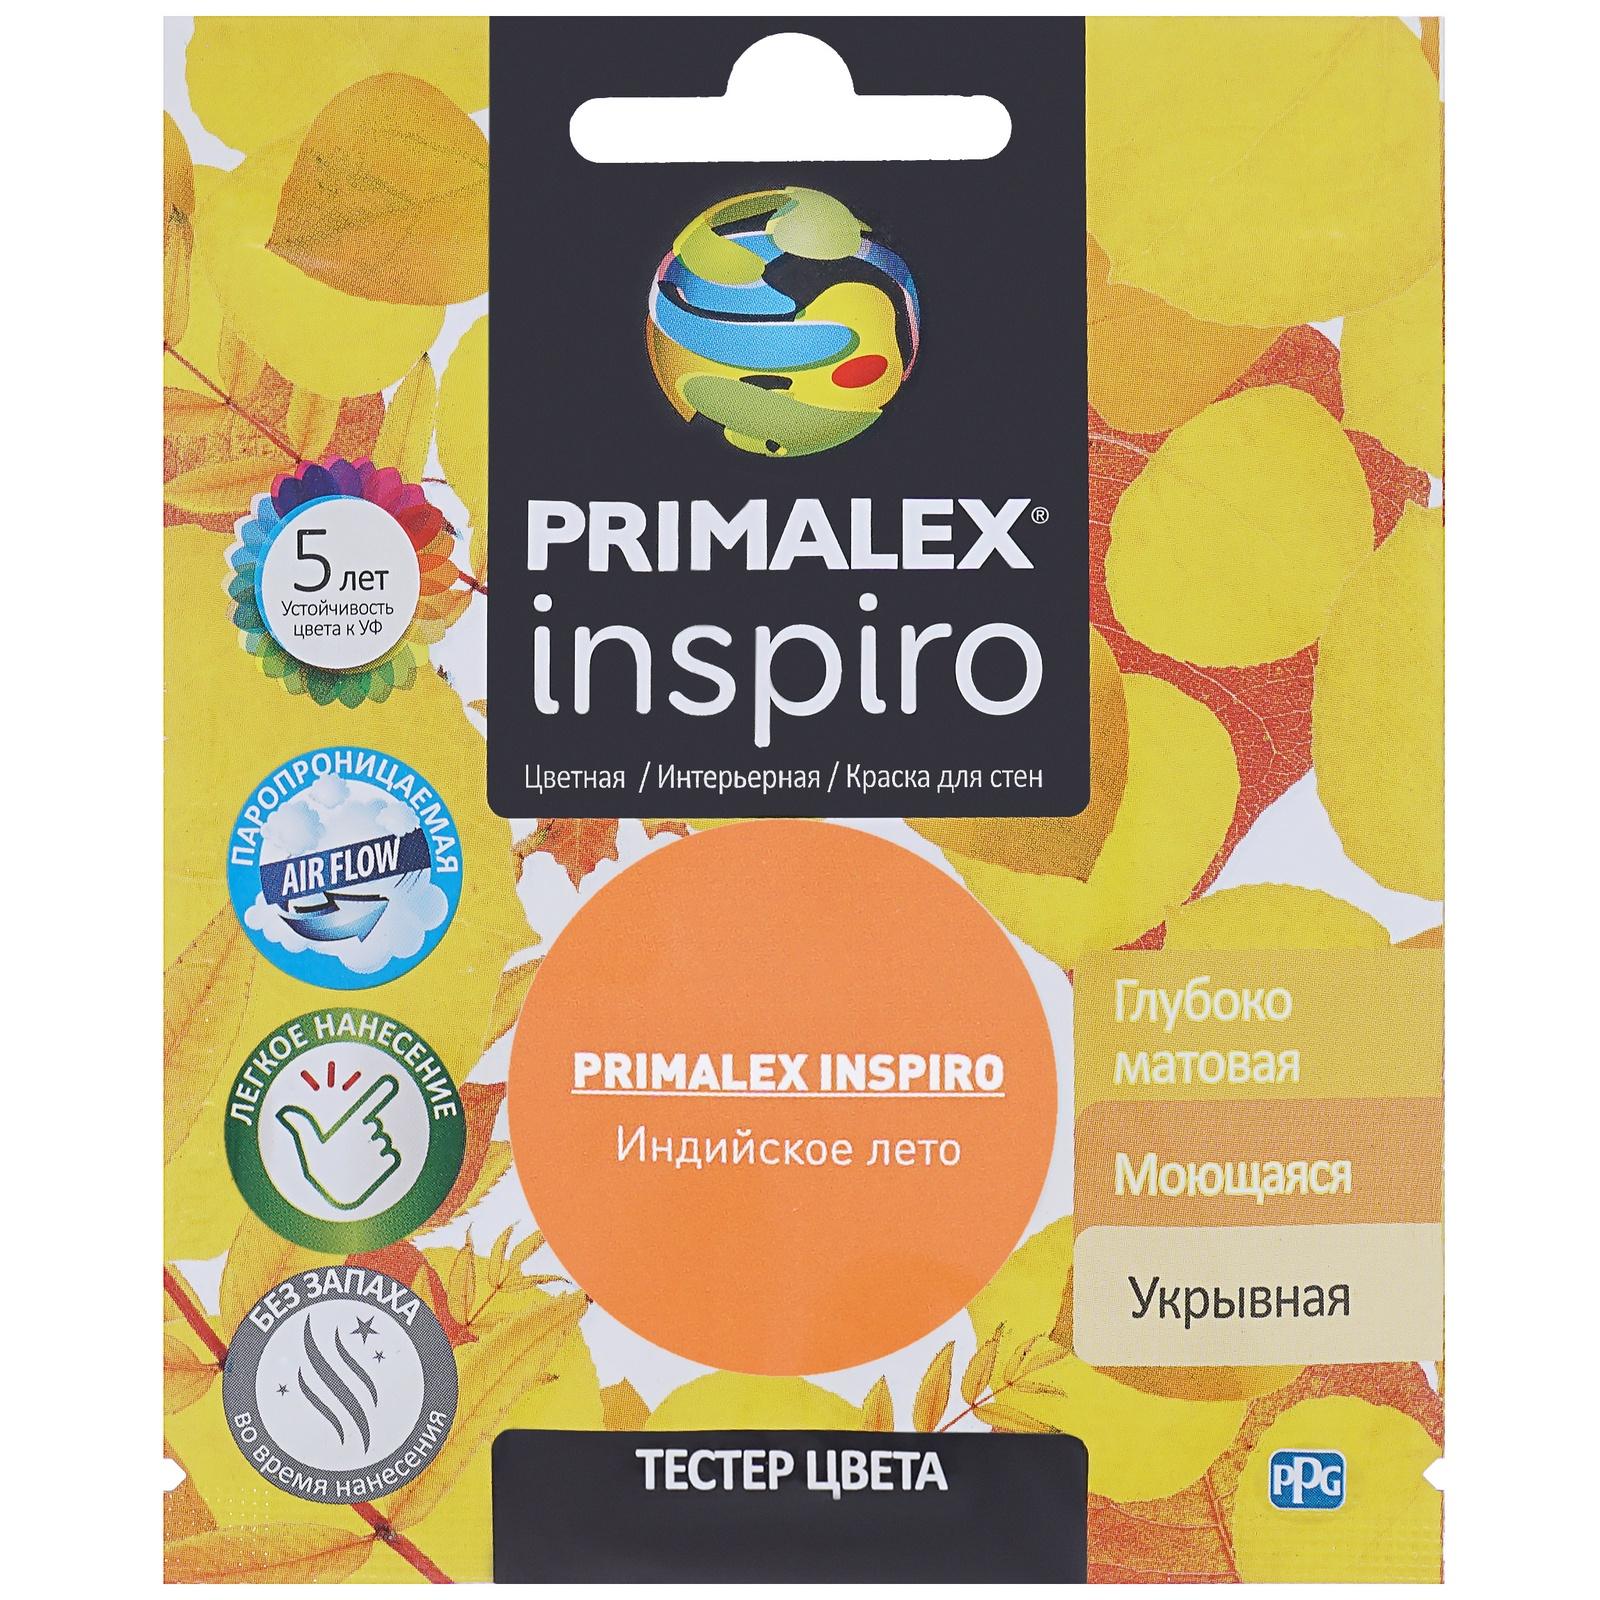 Краска PPG Primalex Inspiro Индийское лето 40мл, PMX-I32PMX-I32Интерьерная водоэмульсионная краска, глубокоматовая (без блеска), образует прочный слой, стойкий к истиранию, мытью, царапинам, УФ-лучам. Расход 14м2/л. Наносится на необработанные поверхности, а также применяется для обновления оштукатуренных и зашитых гипсокартоном оснований. Помимо функций декоративной краски состав выполняет задачи штукатурки, устраняя небольшие дефекты основания. Рекомендуется для использования в жилых и коммерческих помещениях: жилых комнатах, офисах, гостиничных номерах, переговорных комнатах. Цвет - Индийское лето